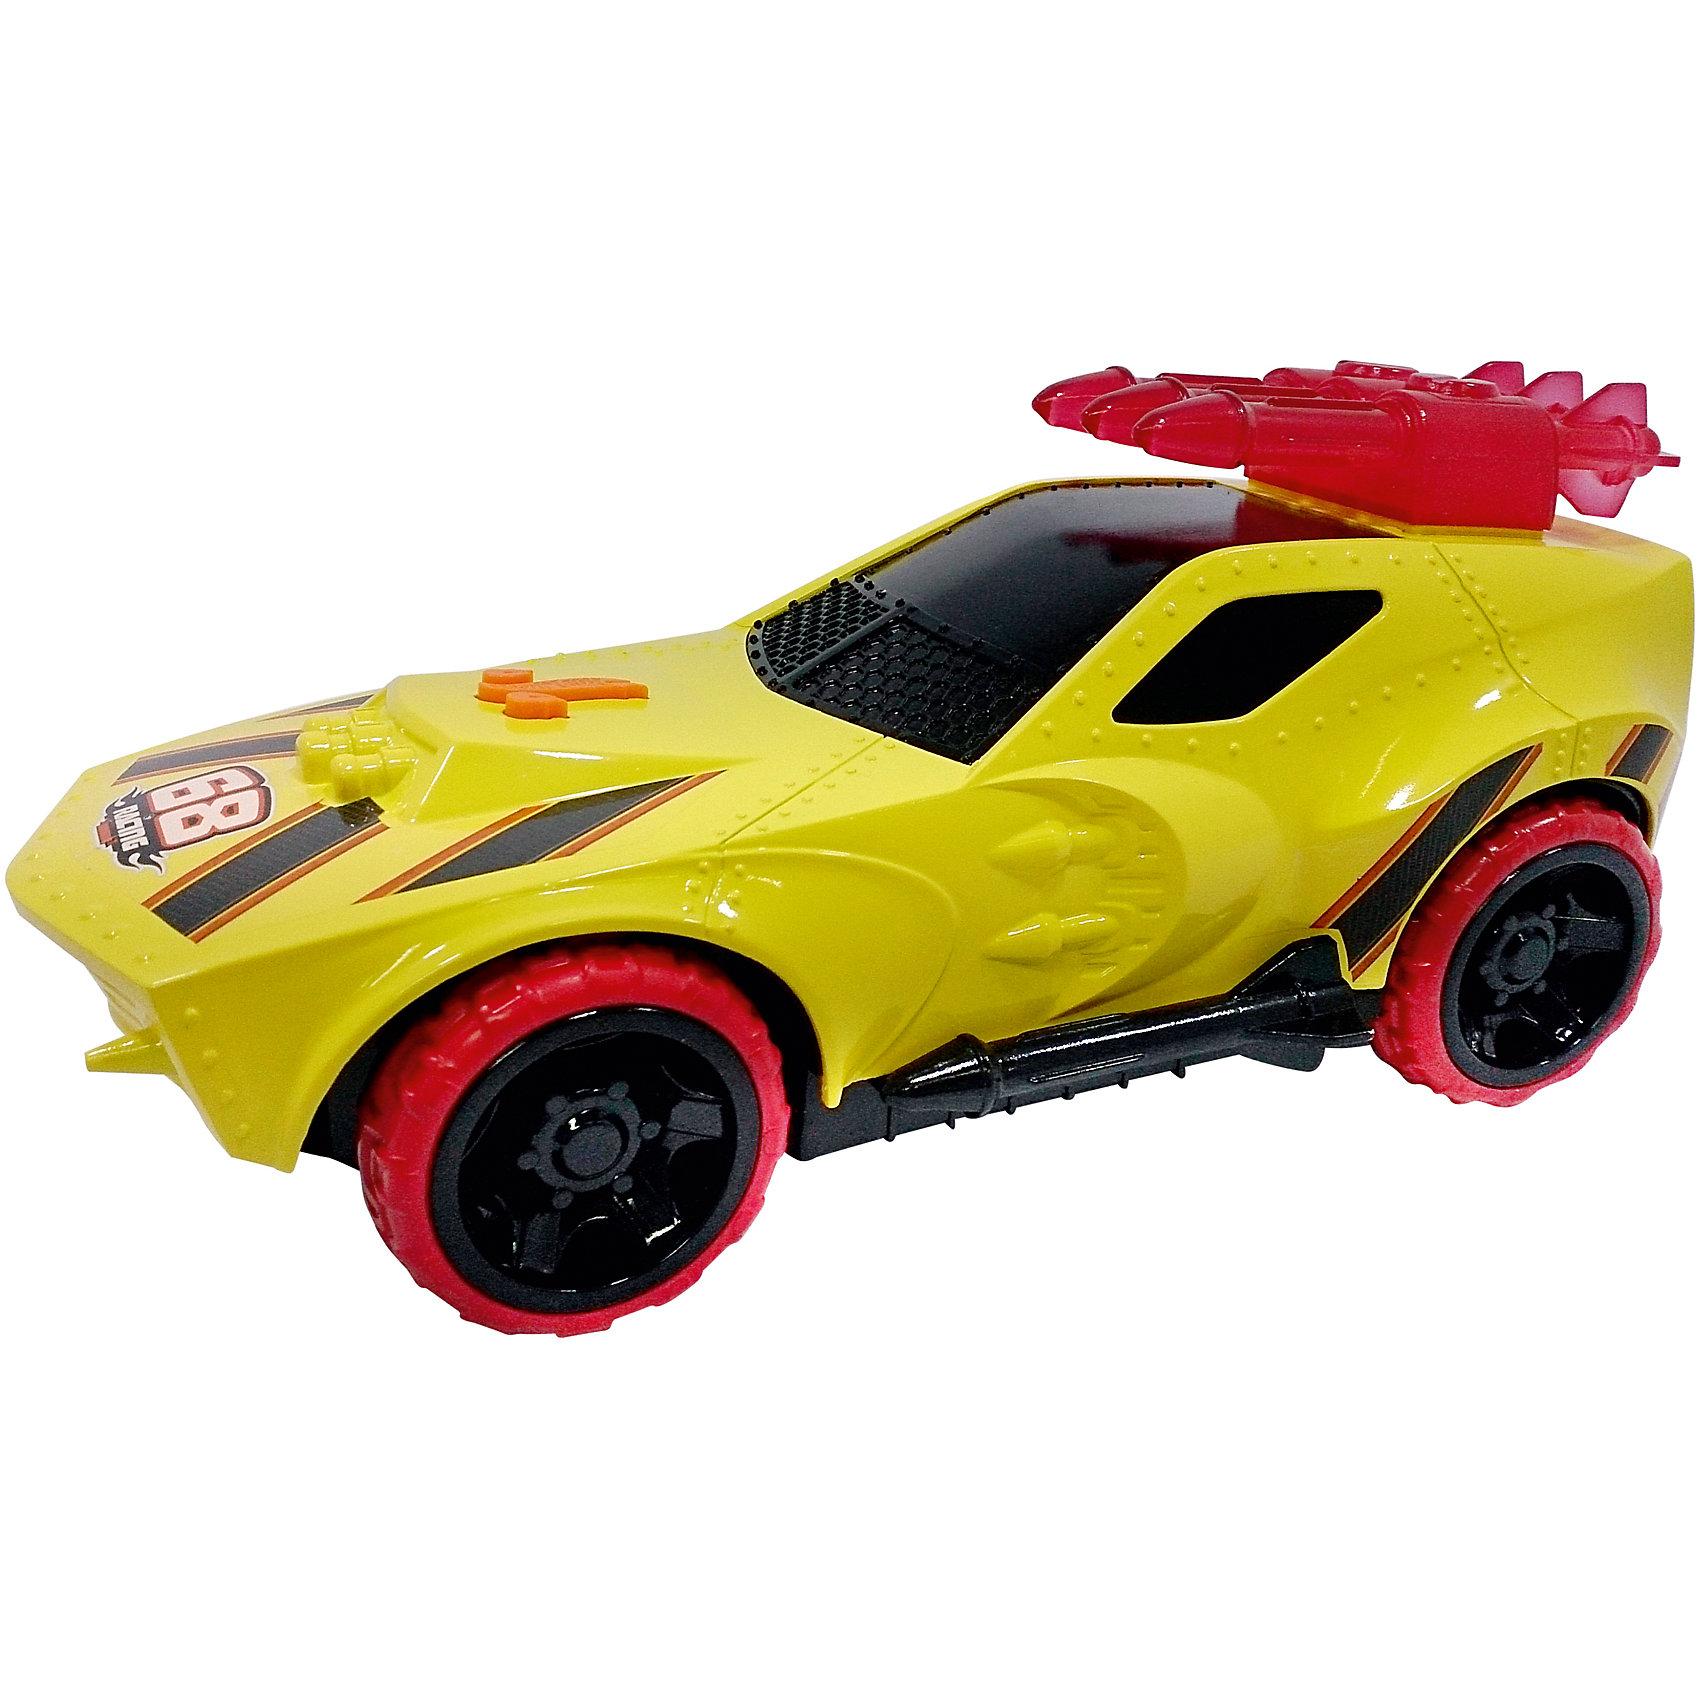 Машинка Master Blaster - Sting Rod II (свет, звук), желтая, 27 см, Hot WheelsХарактеристики товара:<br><br>- цвет: желтый;<br>- материал: пластик, металл;<br>- особенности: со световыми и звуковыми эффектами;<br>- вес: б00 г;<br>- на батарейках;<br>- размер упаковки: 30х17х16;<br>- размер машинки: 27 см.<br><br>Какой мальчишка откажется поиграть с коллекционной машинкой Hot Wheels, которая выглядит как настоящая?! Машинка очень эффектно смотрится, она дополнена световыми и звуковыми эффектами, работает на батарейках. Игрушка отлично детализирована, очень качественно выполнена, поэтому она станет отличным подарком ребенку. Продается в красивой упаковке.<br>Изделия произведены из высококачественного материала, безопасного для детей.<br><br>Машинку на батарейках Hot Wheels можно купить в нашем интернет-магазине.<br><br>Ширина мм: 150<br>Глубина мм: 165<br>Высота мм: 305<br>Вес г: 648<br>Возраст от месяцев: 36<br>Возраст до месяцев: 2147483647<br>Пол: Мужской<br>Возраст: Детский<br>SKU: 5066739